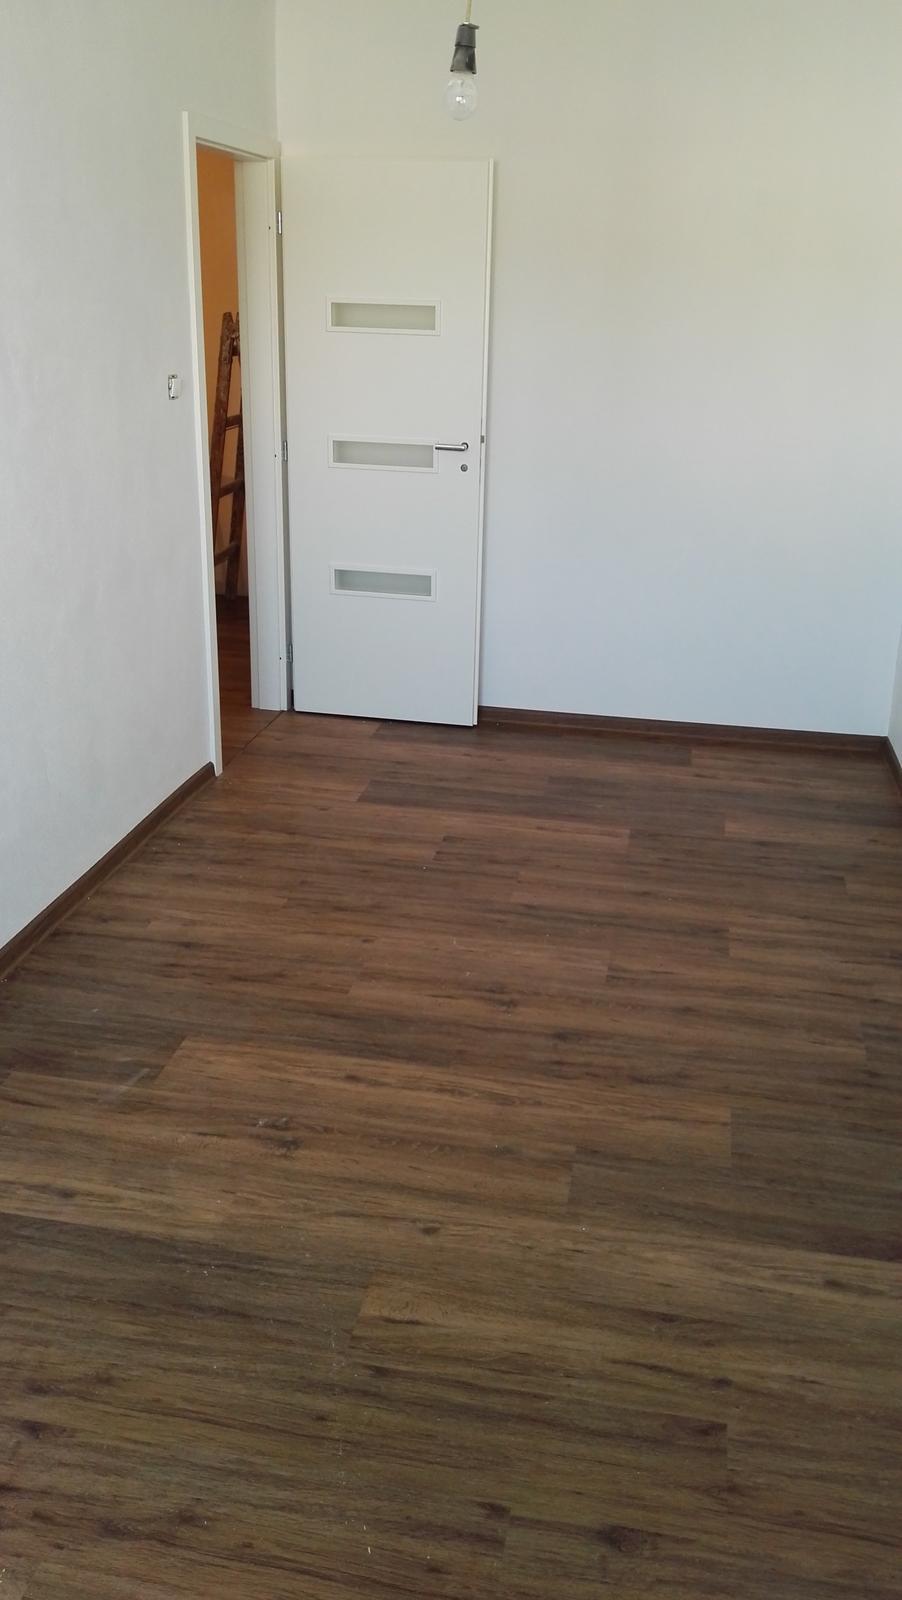 Projekt: Nové bývanie ... - ... podlahy už hotové, aj s lištami ...